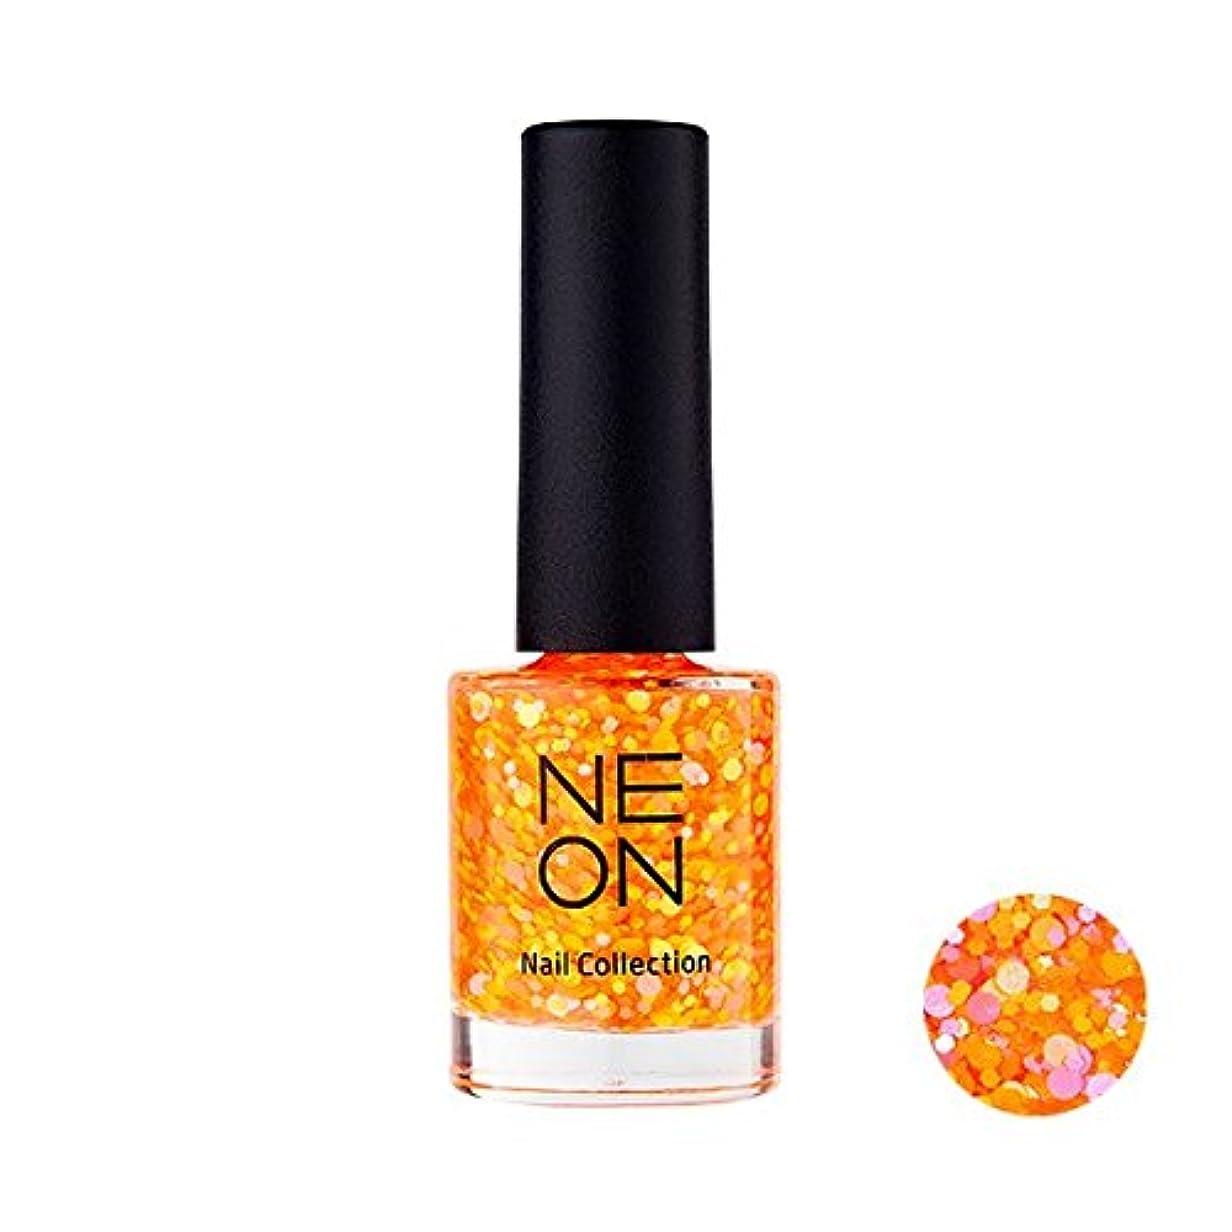 グレートバリアリーフ挨拶する数値It'S SKIN Neon nail collection [03 Neon Glitter Orange] イッツスキン ネオンネイルコレクション [03 ネオン グリッター オレンジ] [並行輸入品]